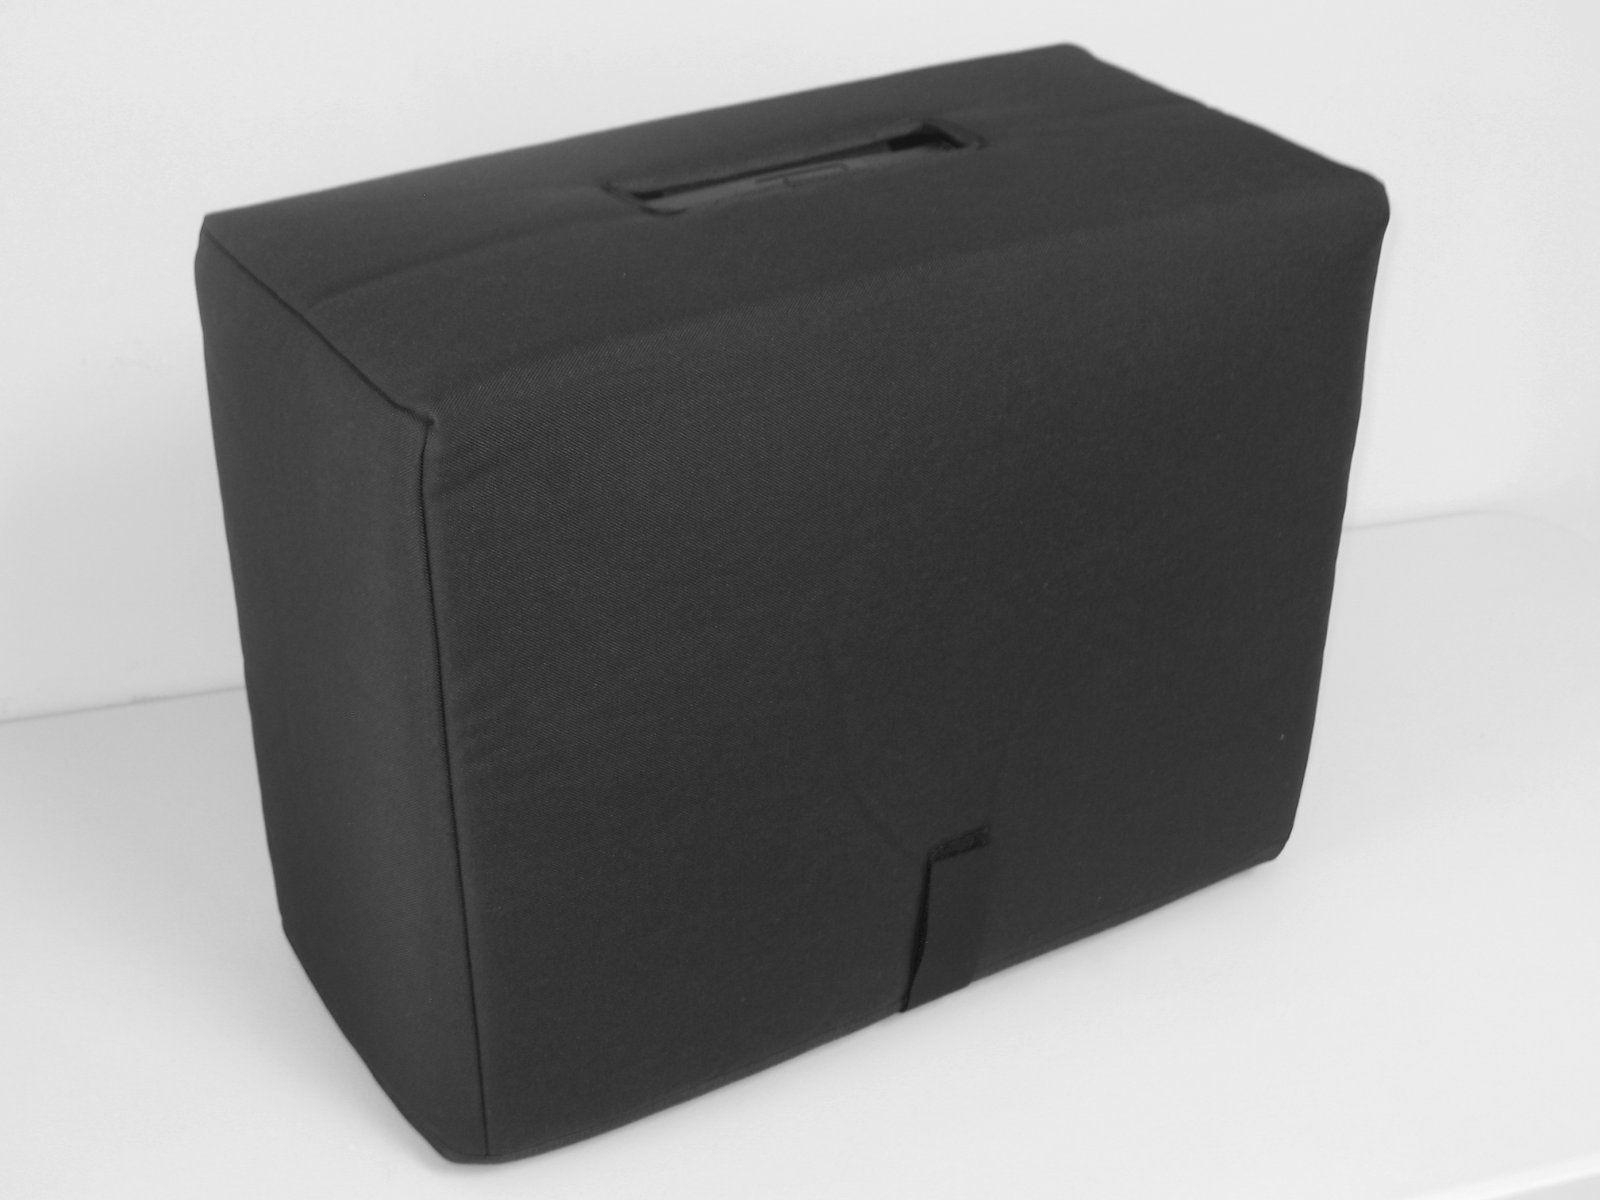 Tuki Padded Amp Cover for Boss Katana 100 1x12 Amplifier Combo (boss003p)